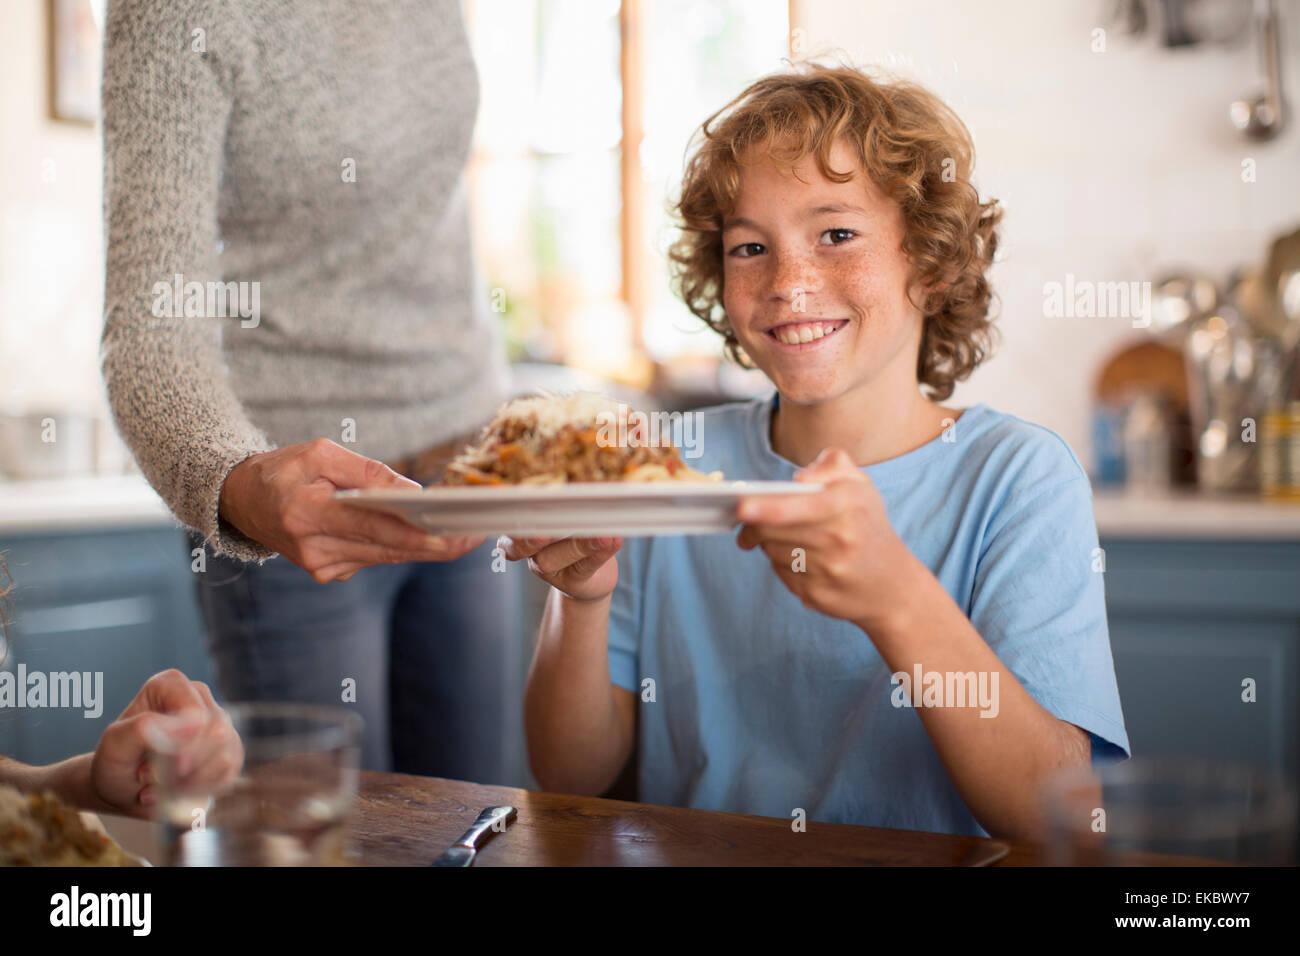 Mutter mit Spaghetti für Kinder am Esstisch Stockbild